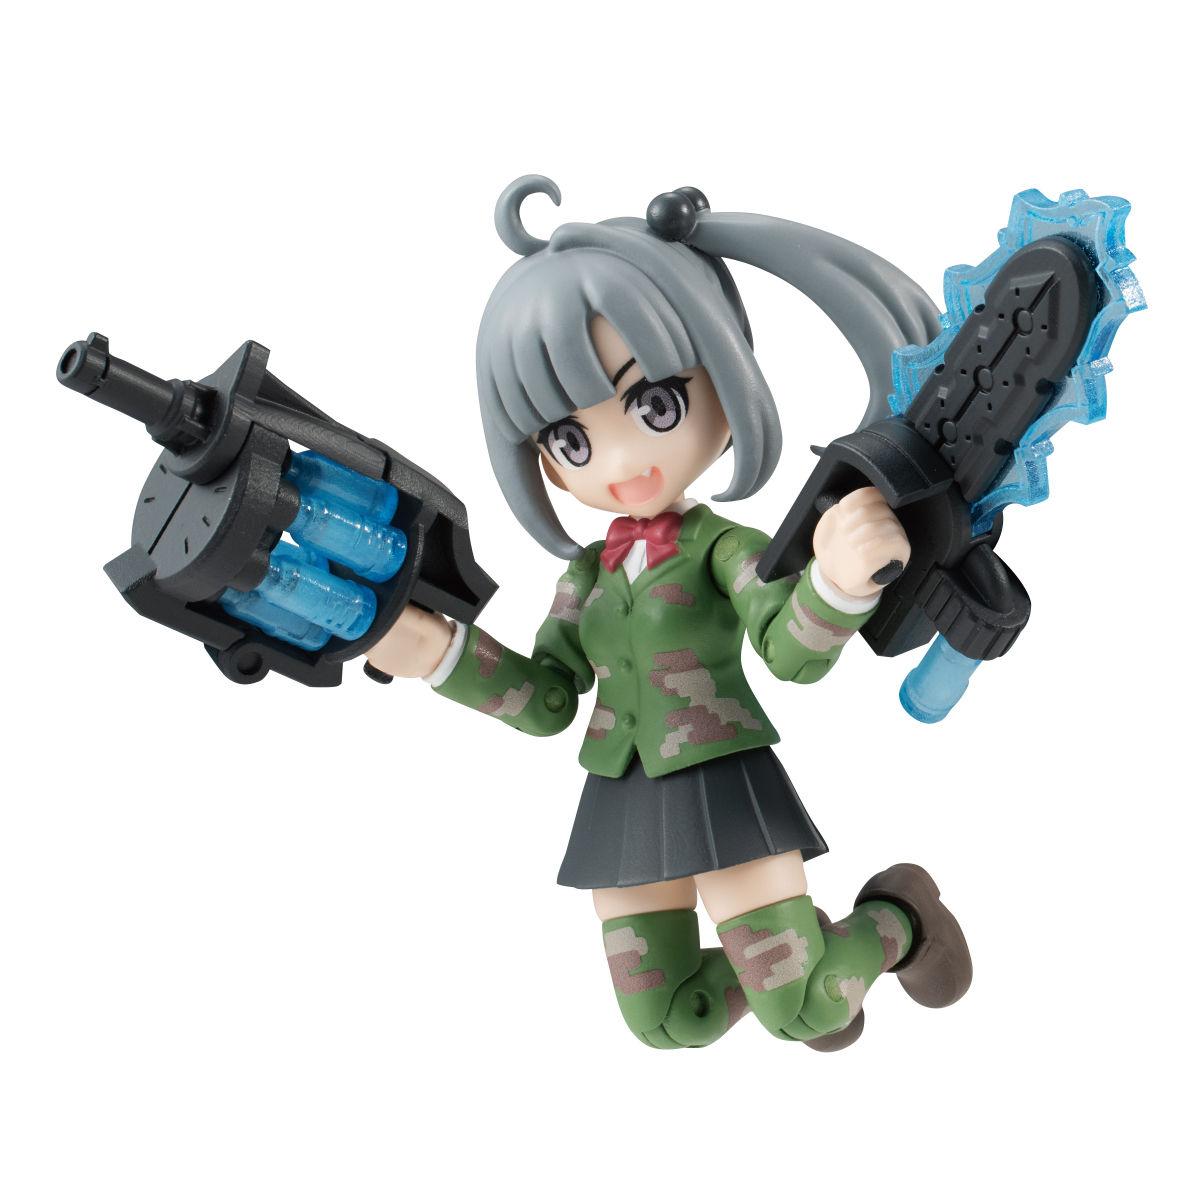 【限定販売】ガシャポン『AQUA SHOOTERS! 泉かのん』デフォルメ可動フィギュア-008